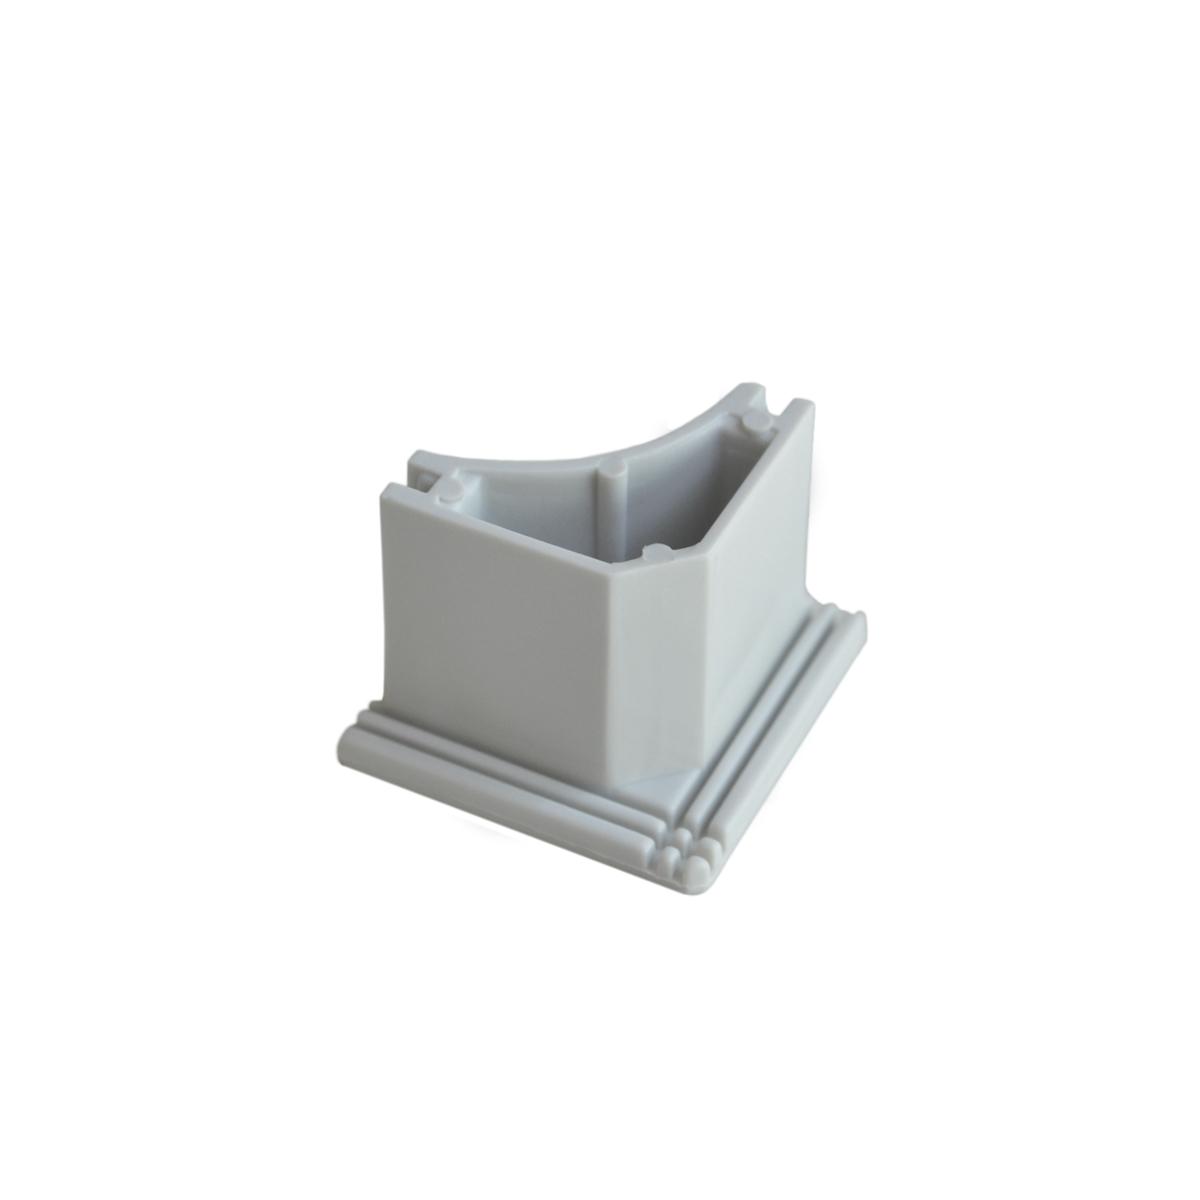 Profili per rivestimenti Accessori Sanitec ERFP22 Profilitec